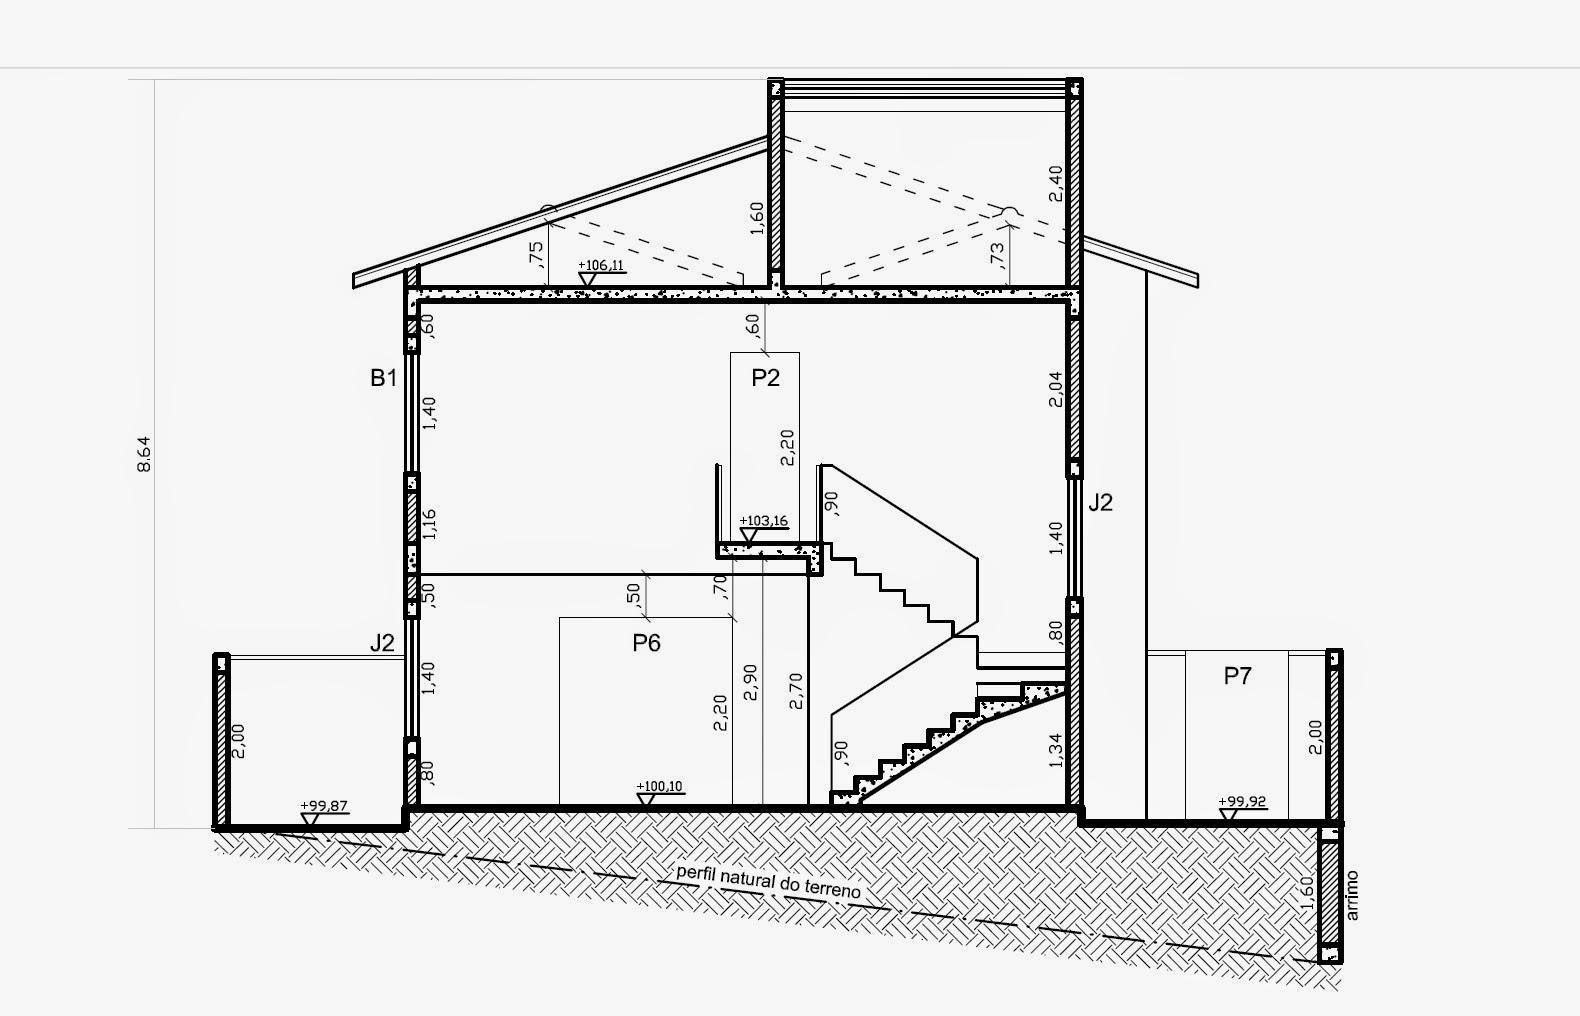 Na seção transversal temos a escada chegando ao pequeno corredor com vista para o pavimento térreo, diante de ambiente com pé-direito duplo